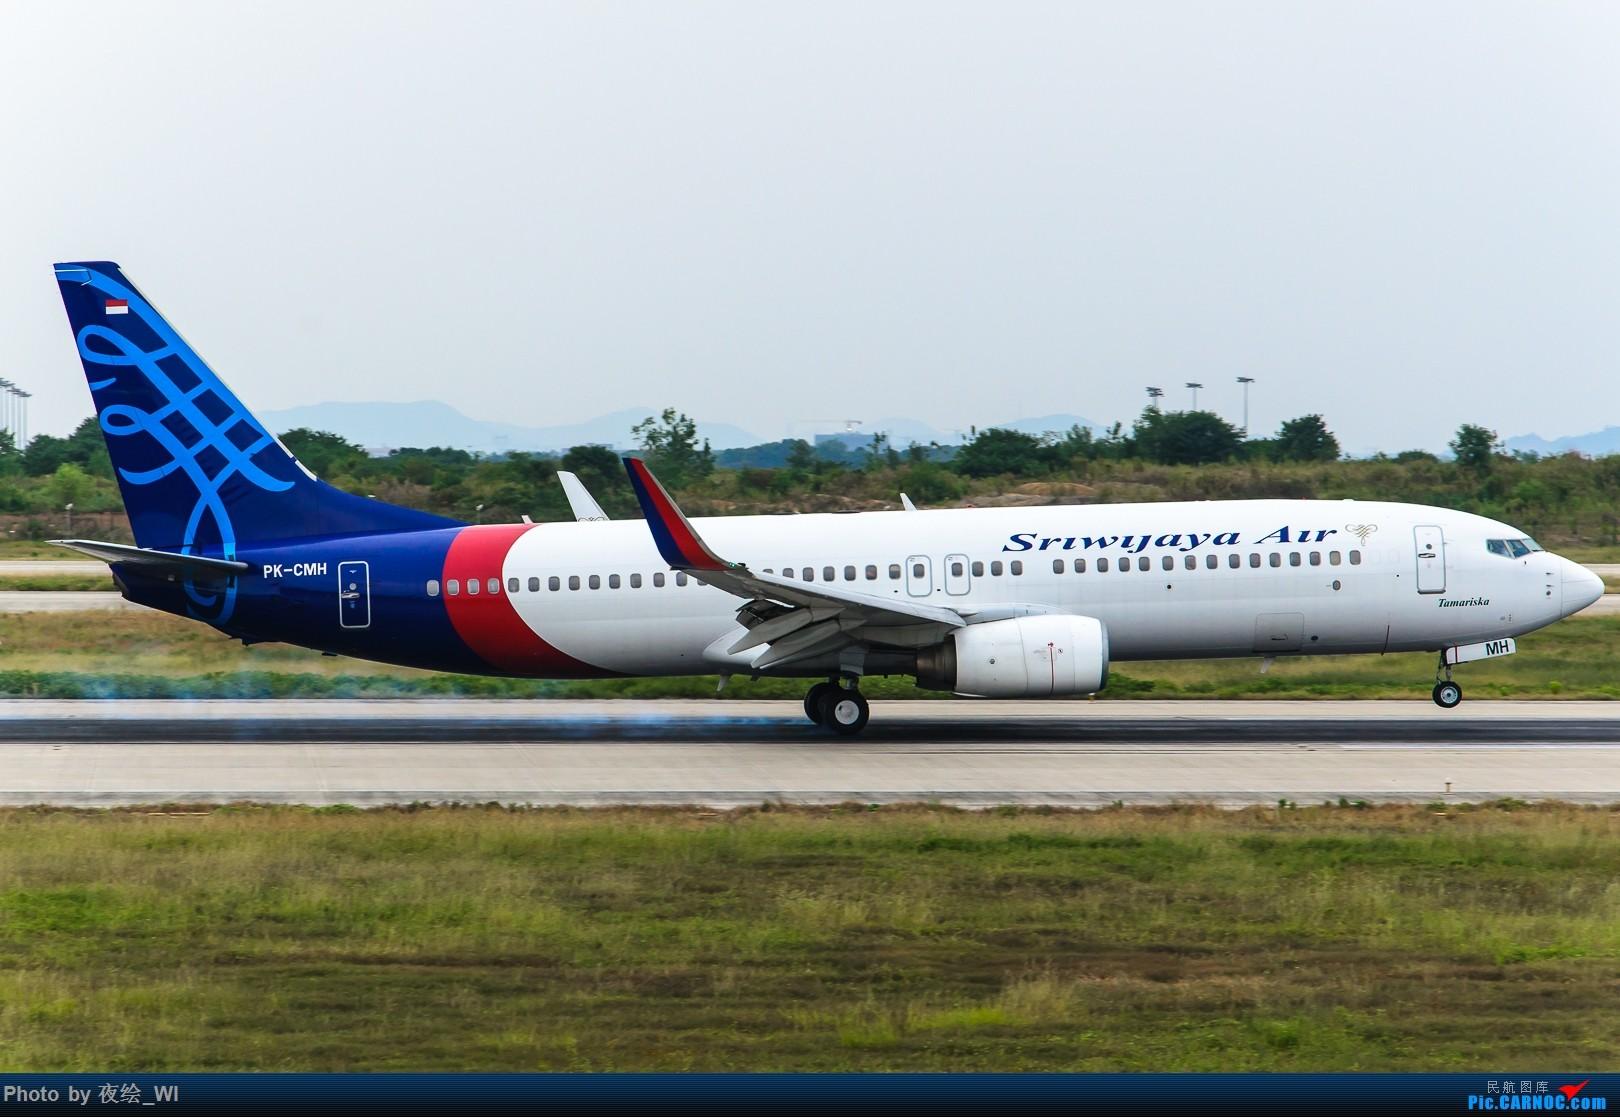 Re:[原创]【NKG】好久没发图了,趁着好天气发几架不一样的东南亚包机 BOEING 737-800 PK-CMH 中国南京禄口国际机场